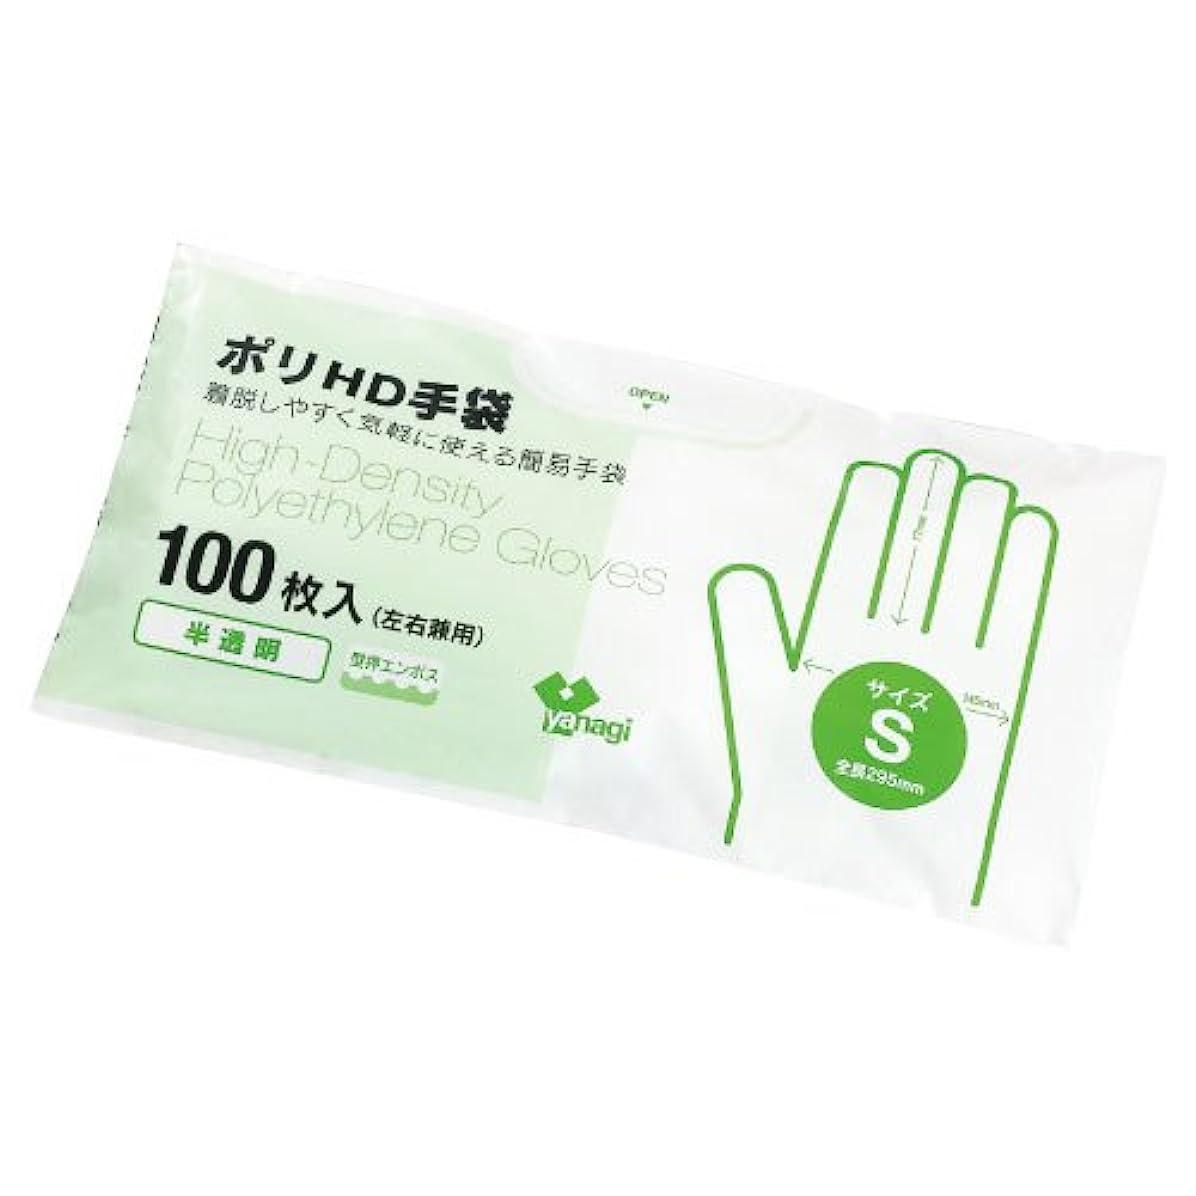 典型的な汚染メカニックポリHD手袋(半透明)型押エンボス TB-203(M)100???? ???HD???????????????(24-2575-01)【やなぎプロダクツ】[120袋単位]